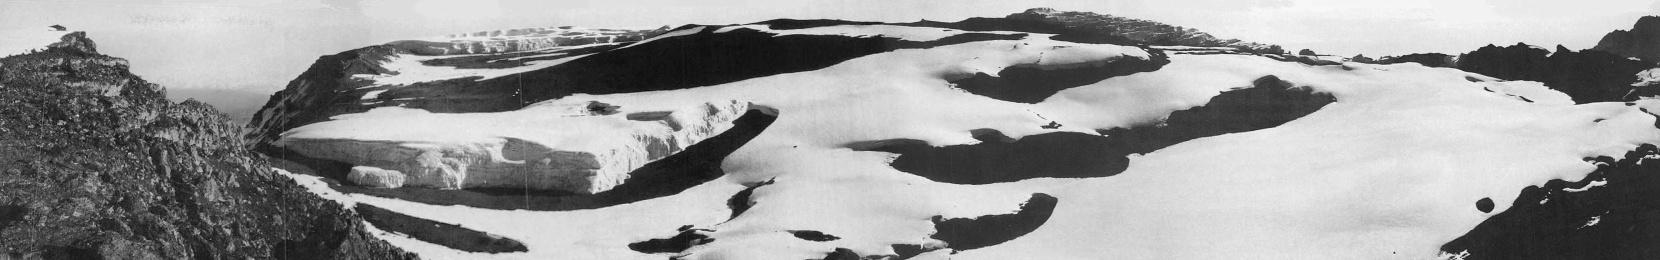 1929 - Die Kibo-Kaldera mit Furtwängler Gletscher.